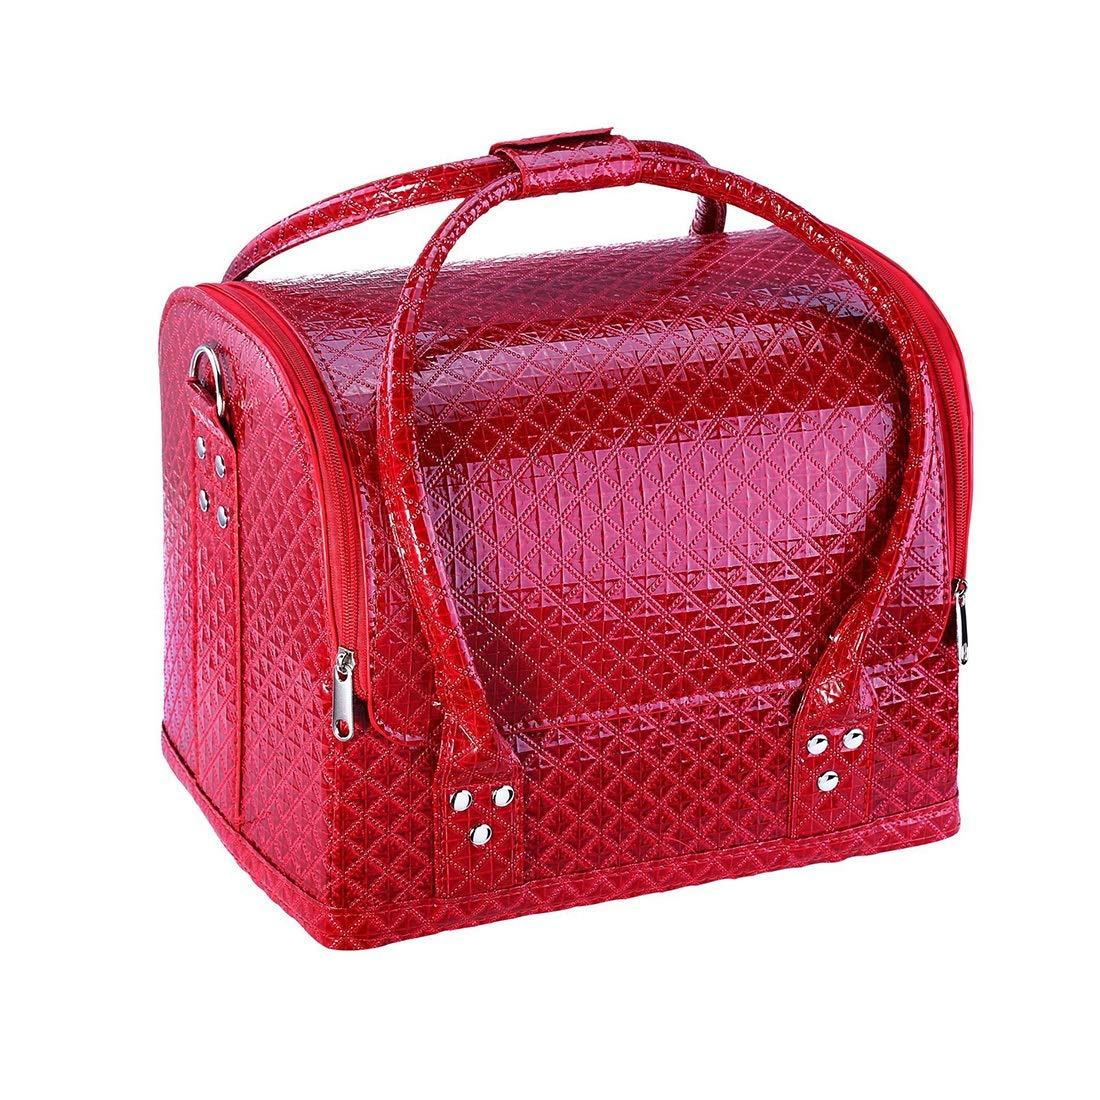 CAFUTY プロフェッショナルビューティーメイクアップケースネイル化粧箱ビニールケースオーガナイザークロコダイルパターン (色 : Red2) B07R2JKWH8 Red2